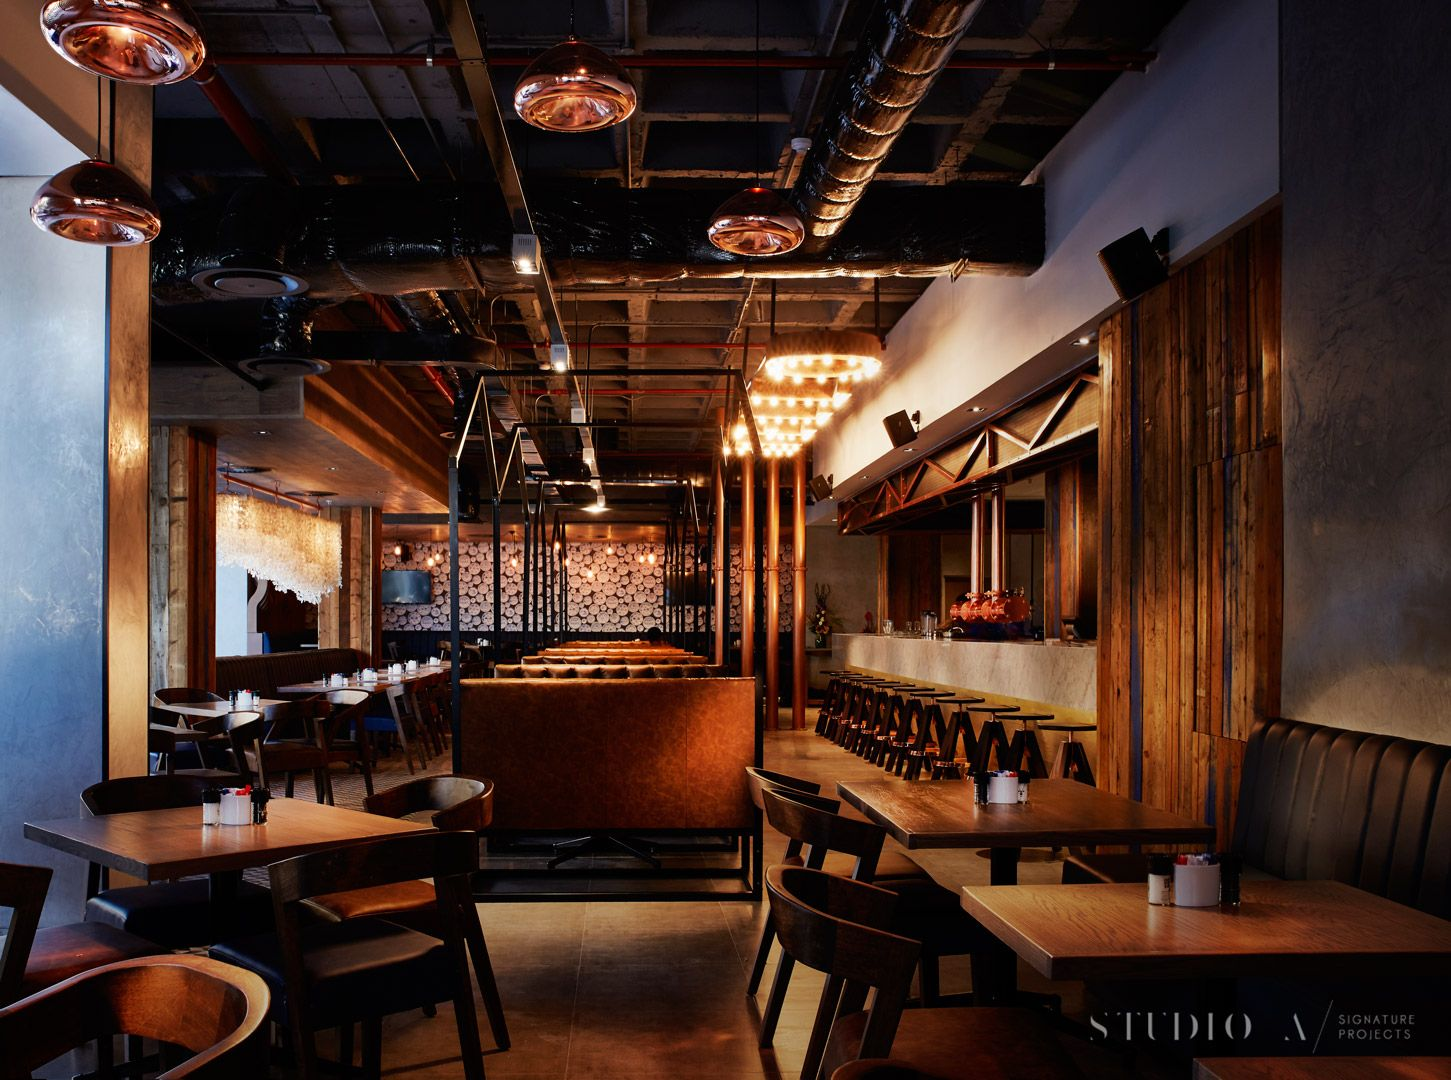 Explore news cafe restaurant design and more